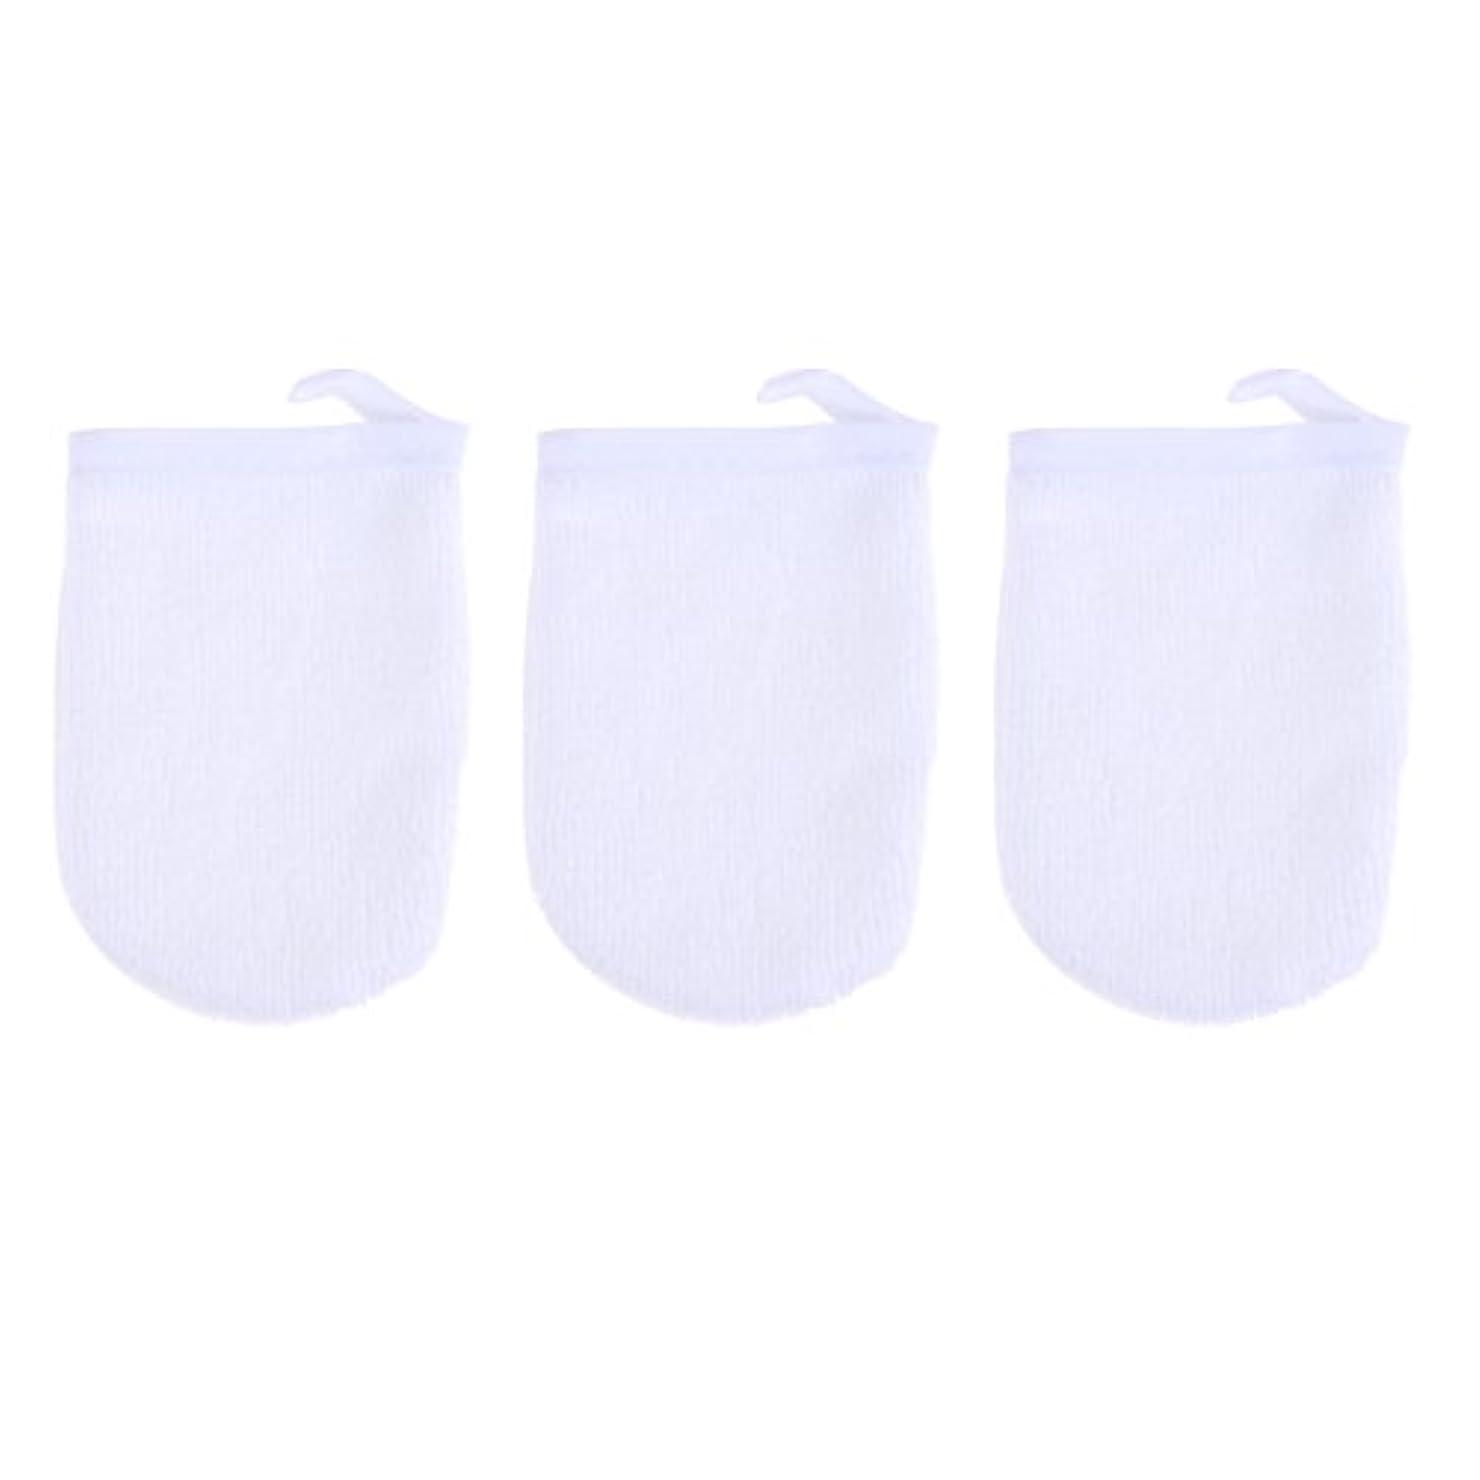 ブラウザラグちょうつがいBESTONZON 3ピースマイクロファイバー洗顔手袋フェイスクレンジングタオルクロススパミットソフト洗濯道具